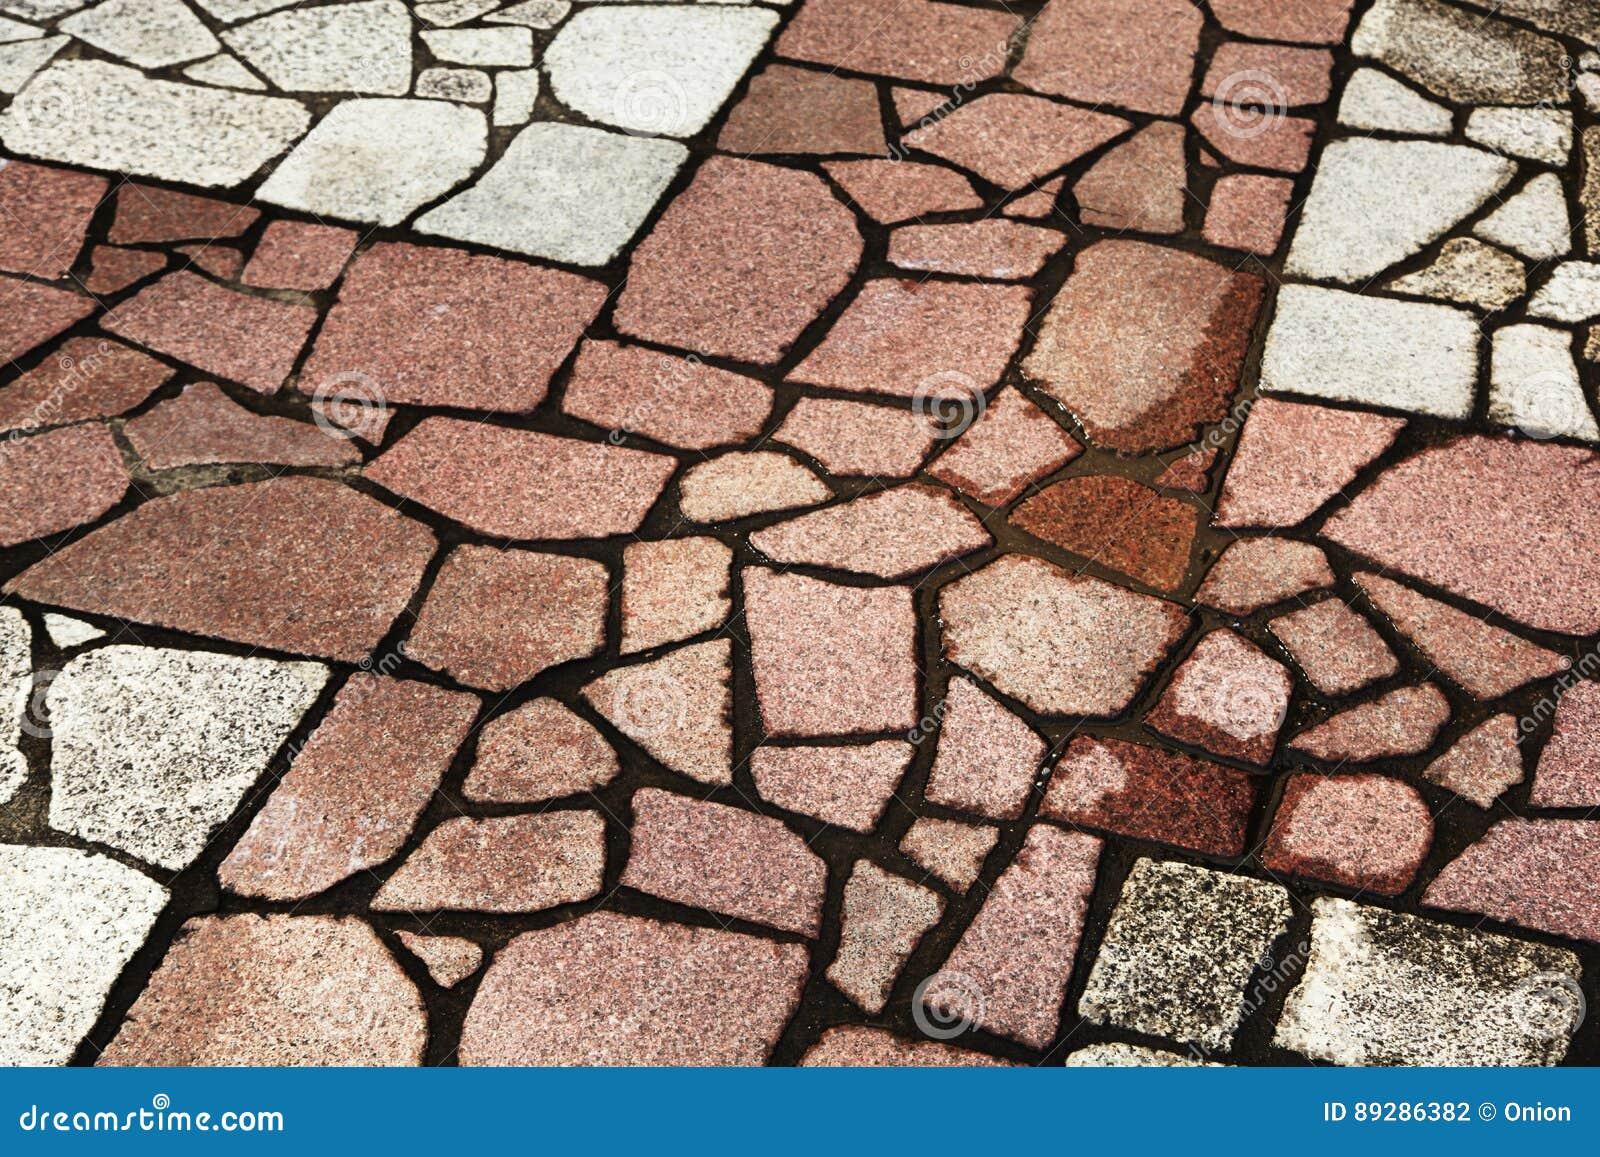 Suelo de piedra de forma irregular foto de archivo - Suelo de piedra ...